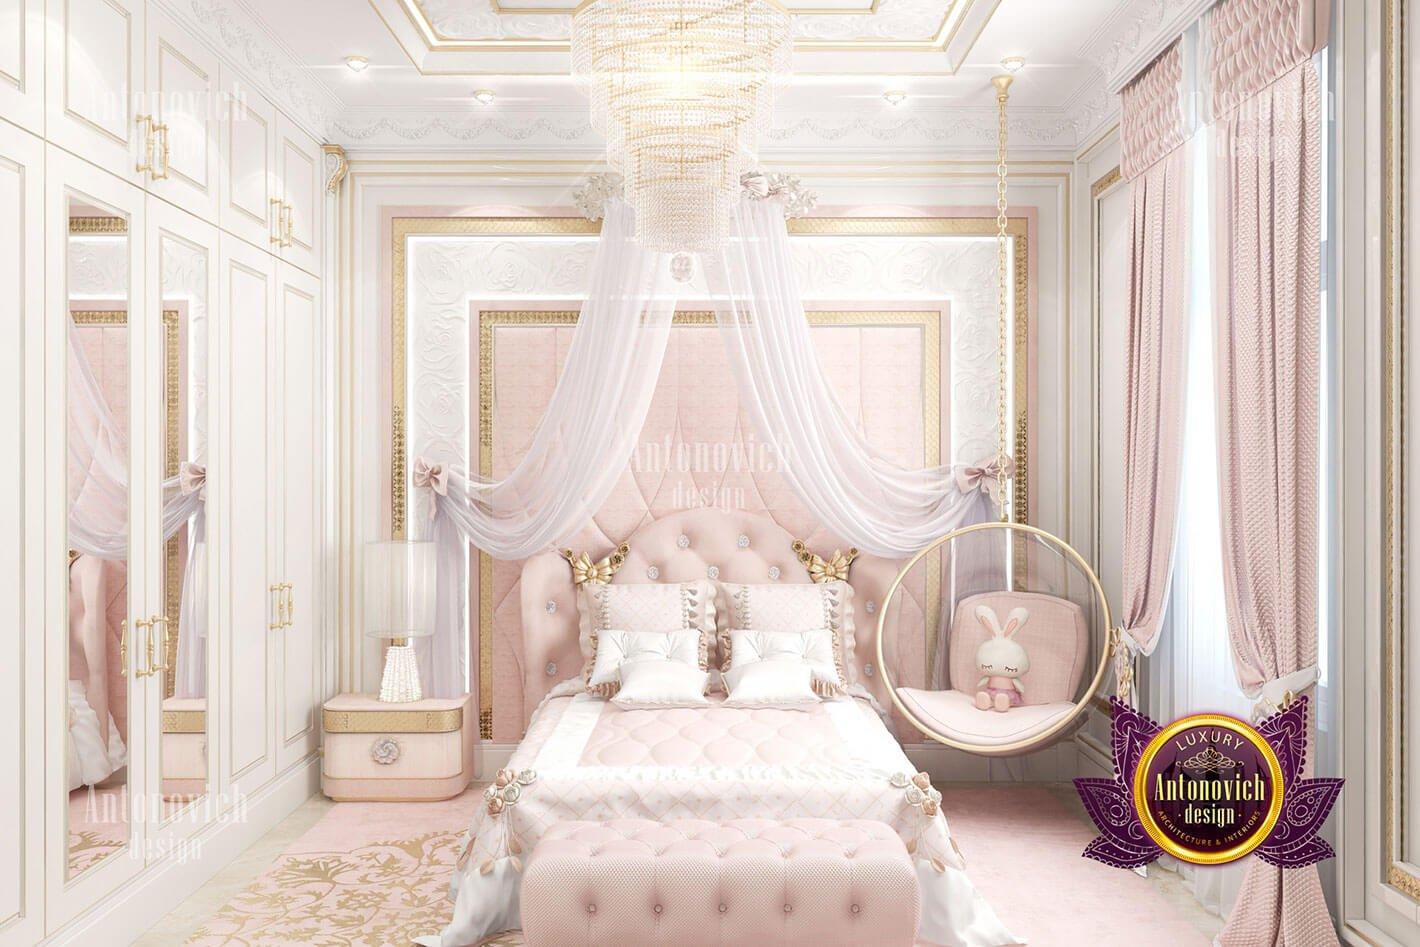 phòng ngủ hoàng gia đẹp màu hồng